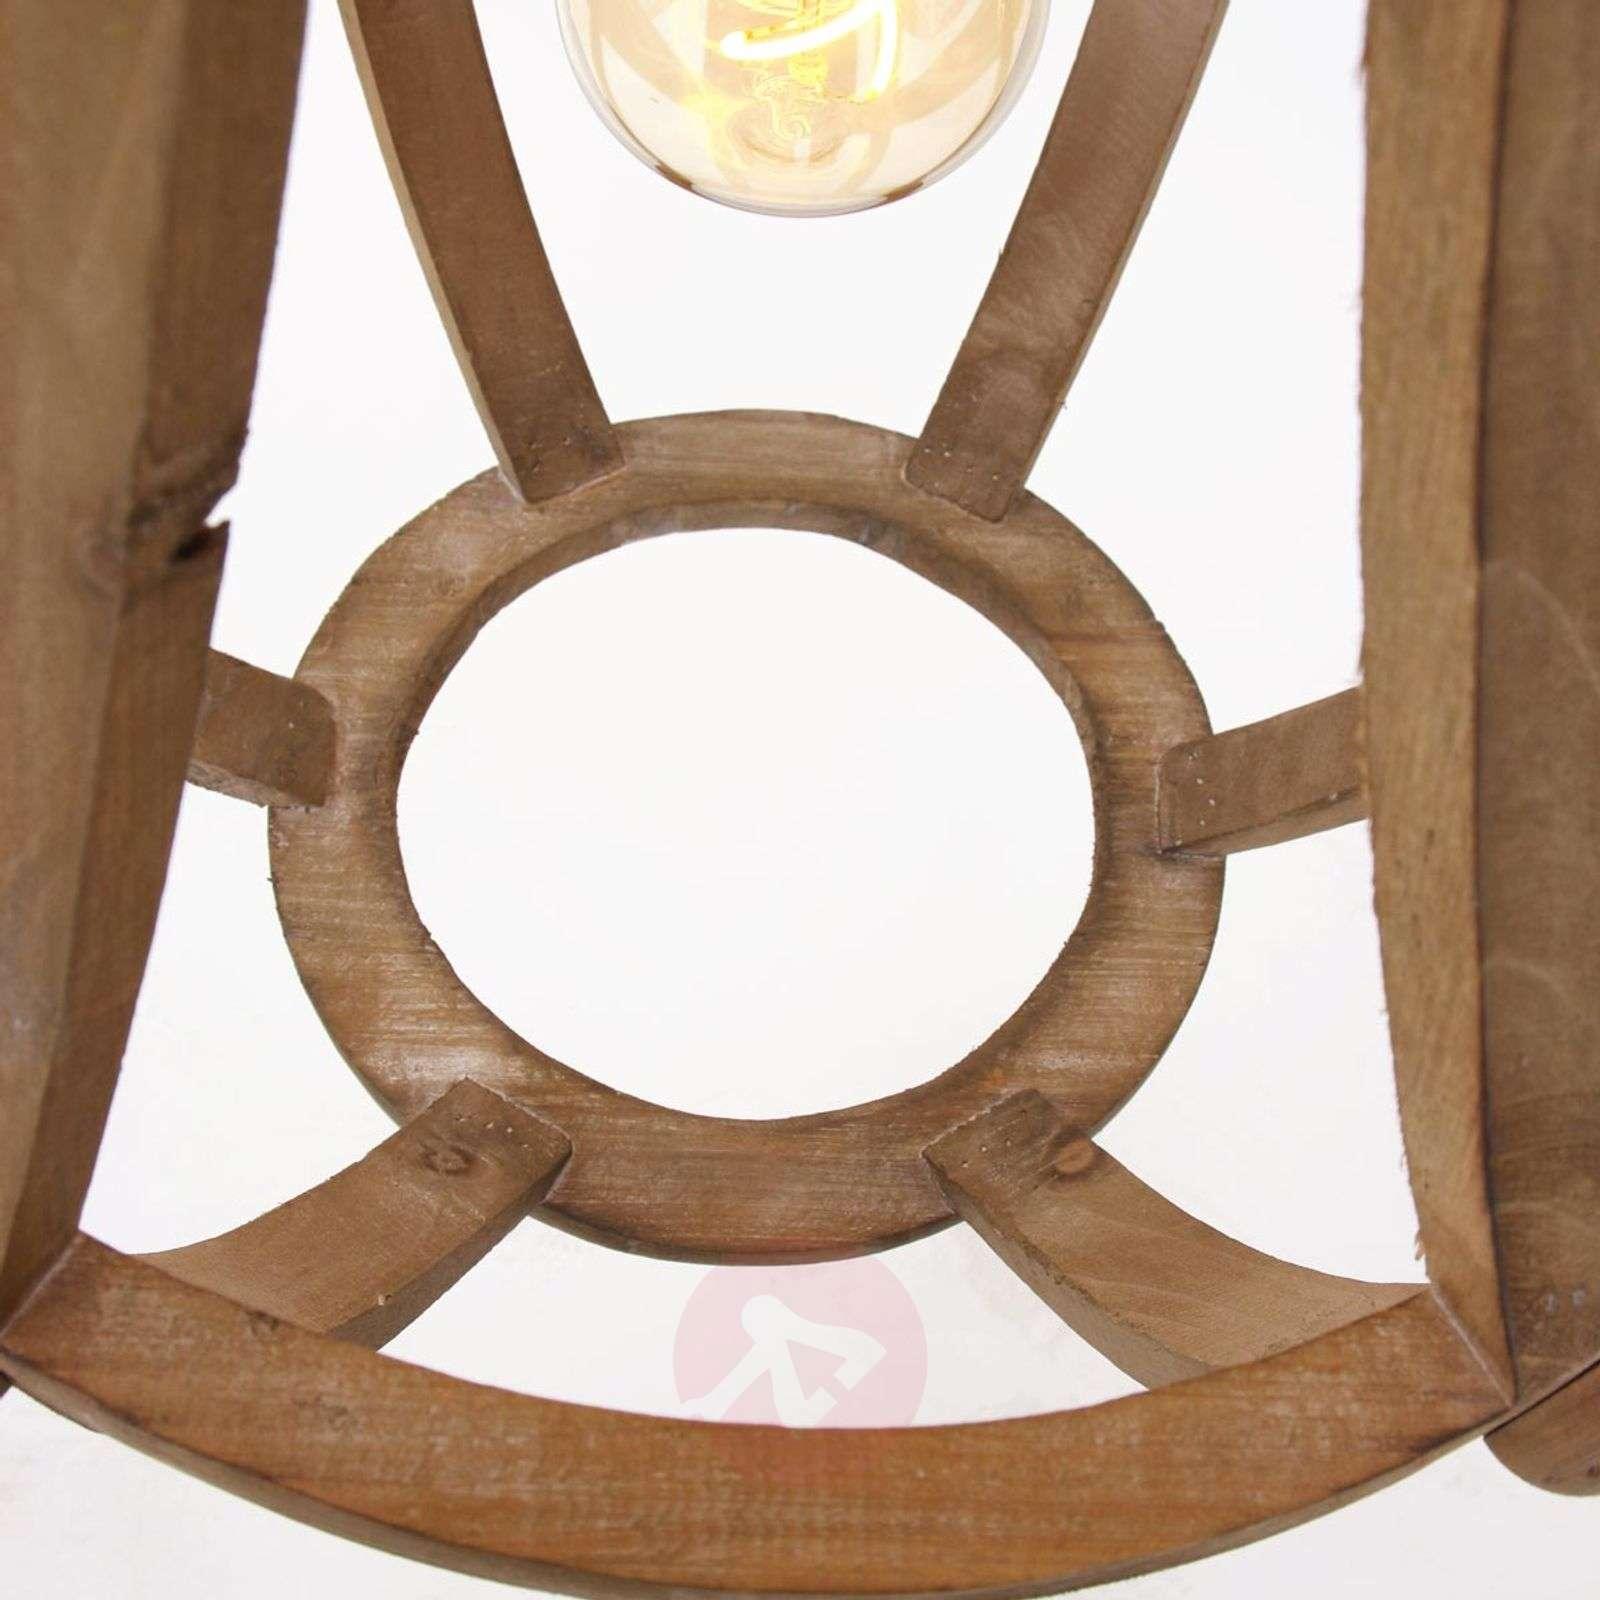 Wooden pendant light Liberty Bell-8509776-01